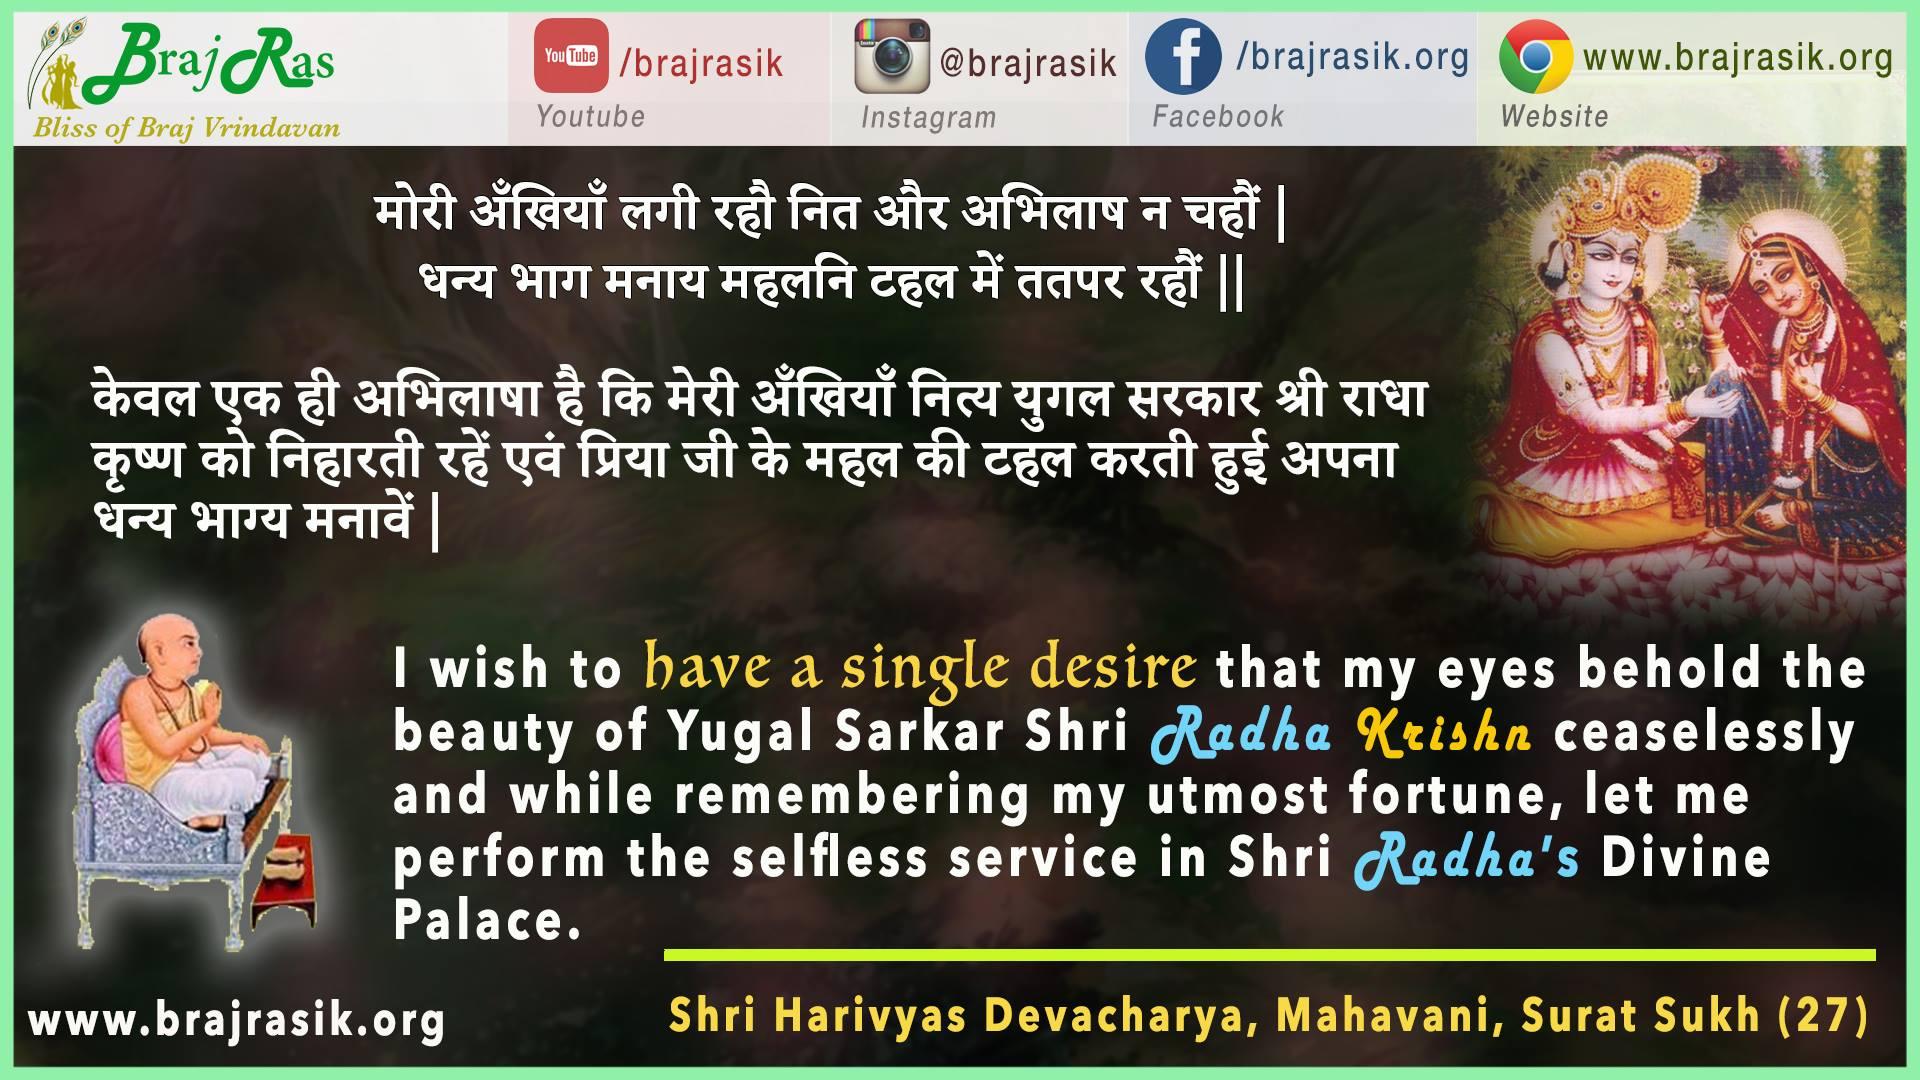 Mori Ankhiyan Lagi Raho Nita - Shri Harivyas Devacharya, Mahavani, Surat Sukh (27)